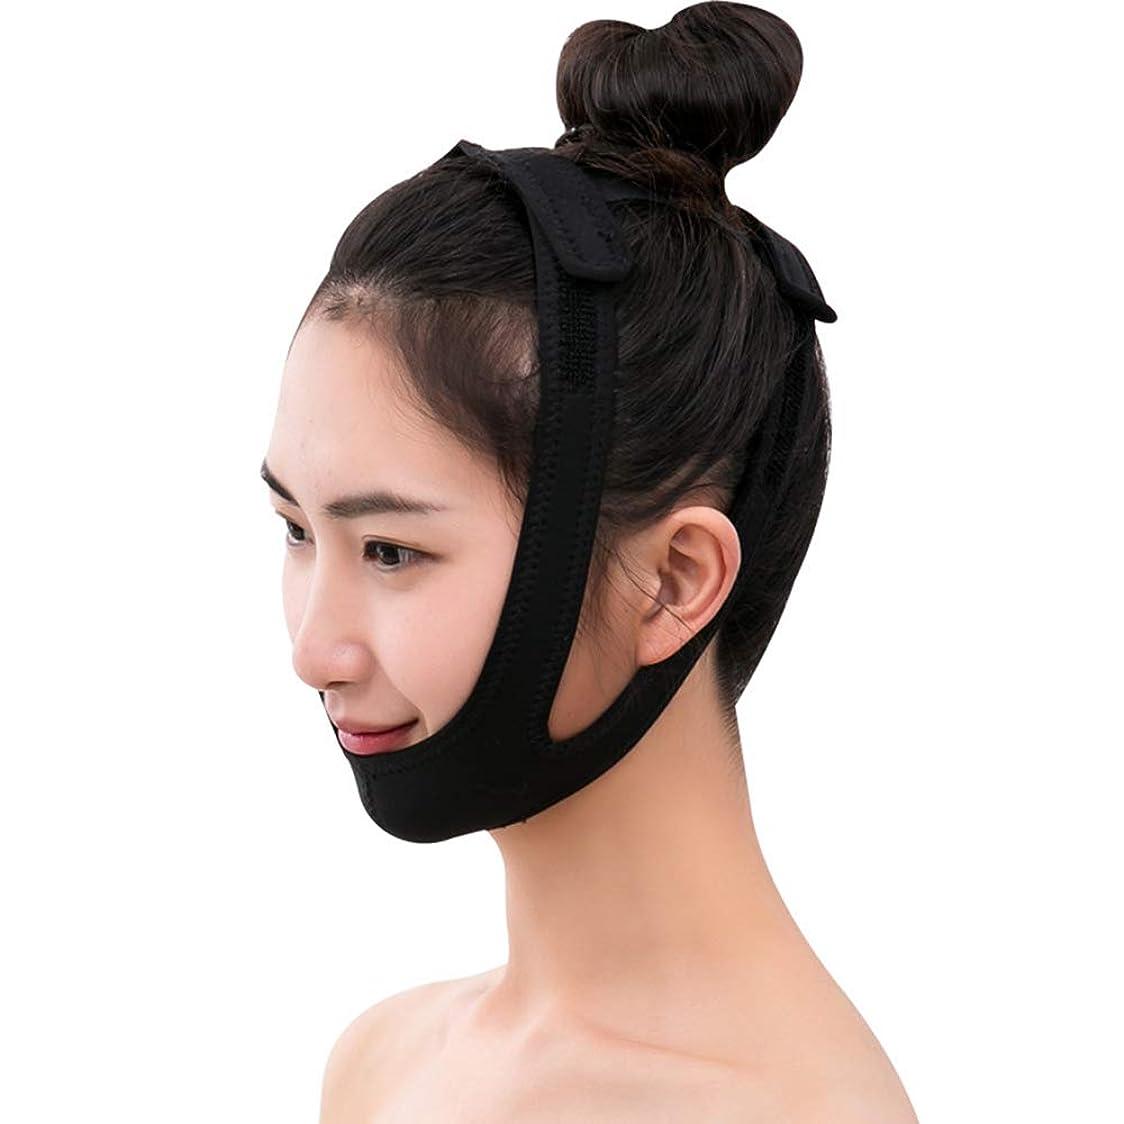 応じる素晴らしい例外Jia Jia- フェイシャルリフティング痩身ベルト圧縮二重あご減量ベルトスキンケア薄い顔包帯二重あごワークアウト 顔面包帯